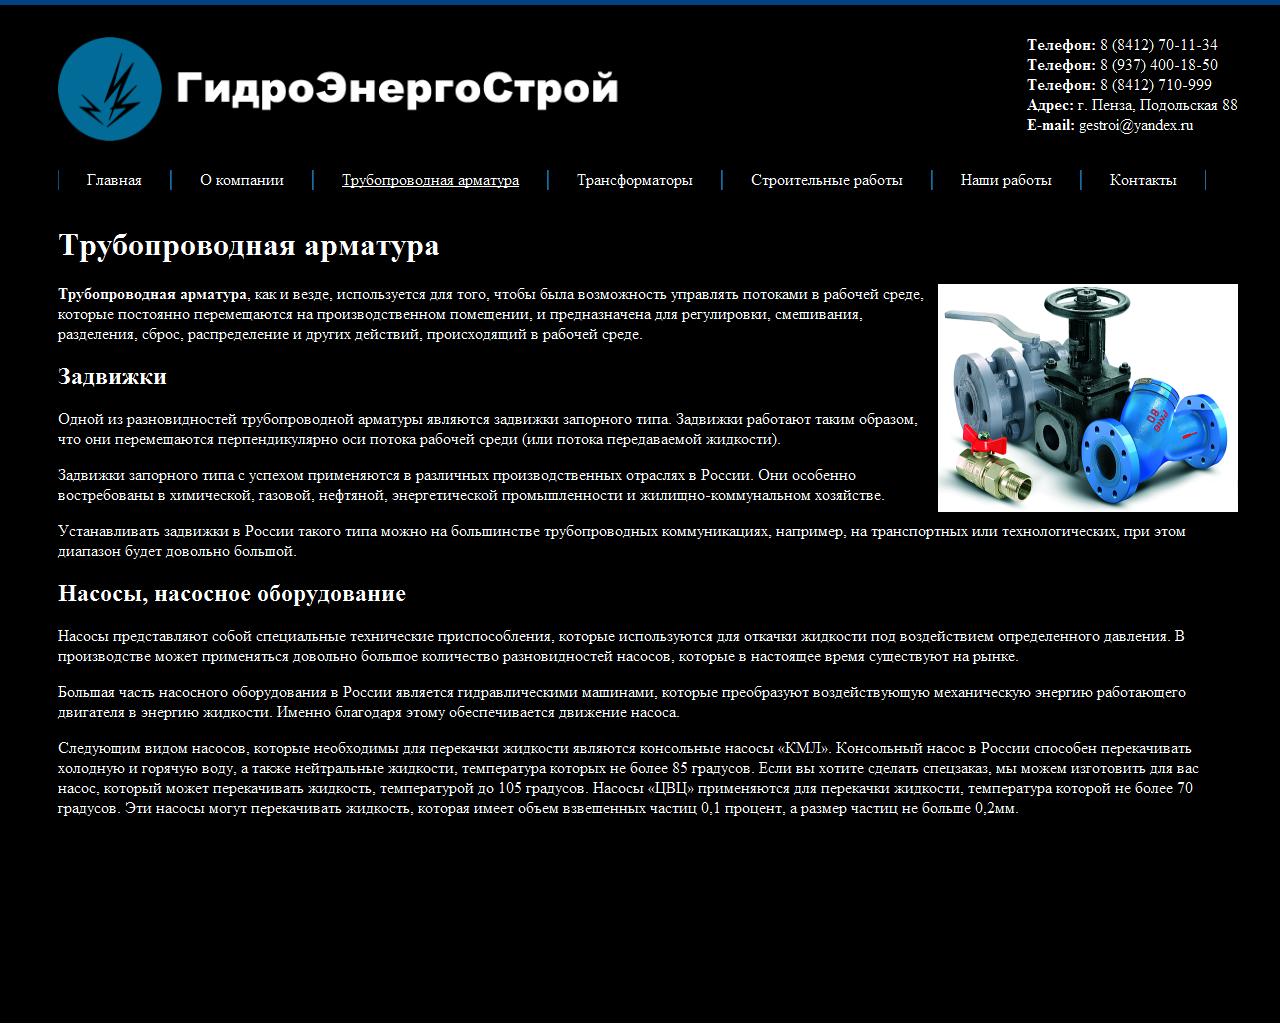 ООО «ГидроЭнергоСтрой» Пенза